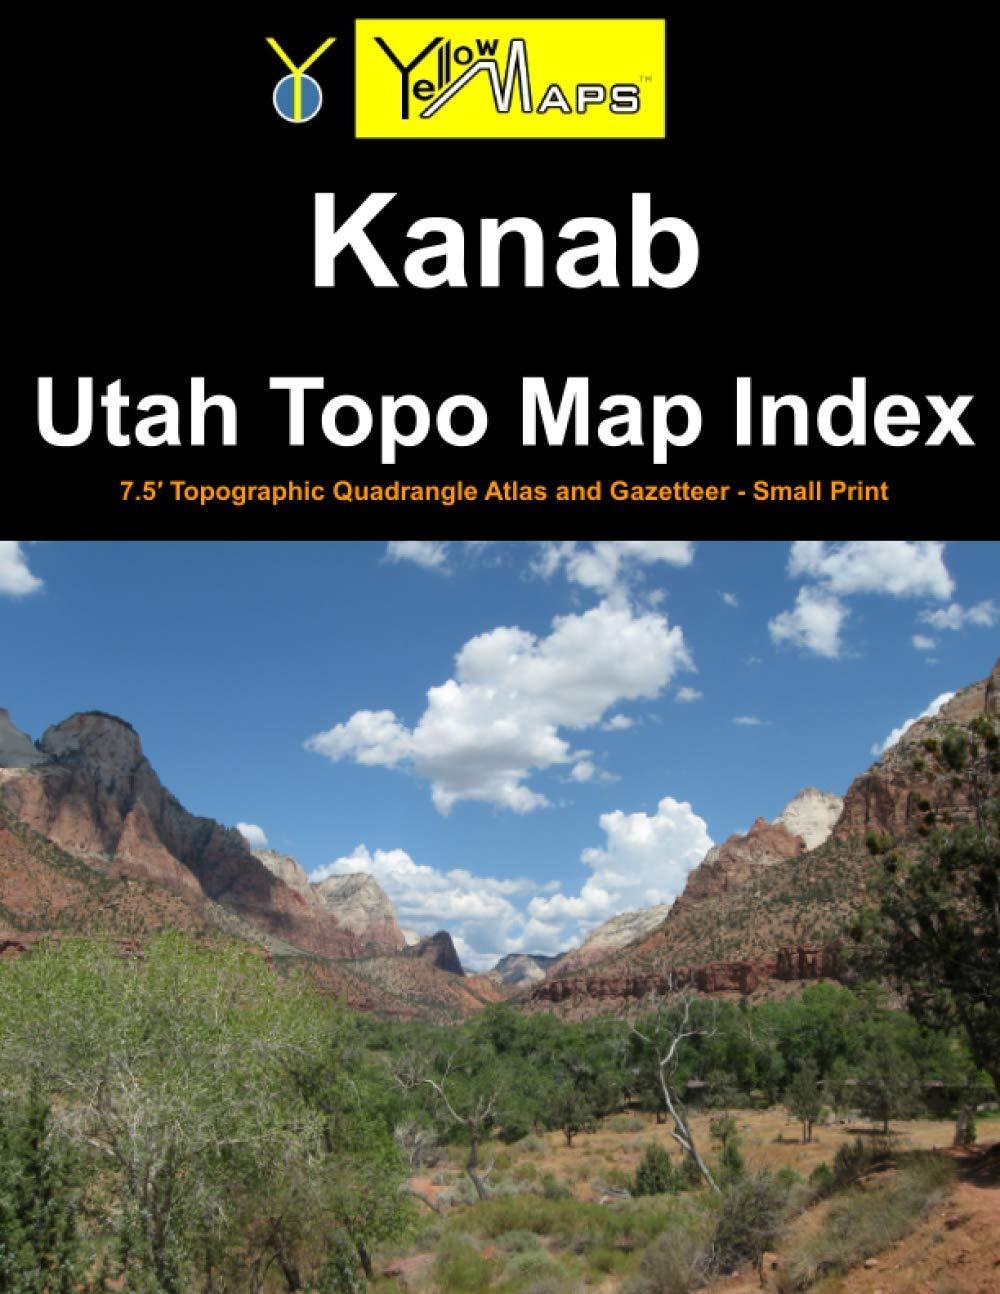 Paperback atlas: Kanab Utah Topo Map Index